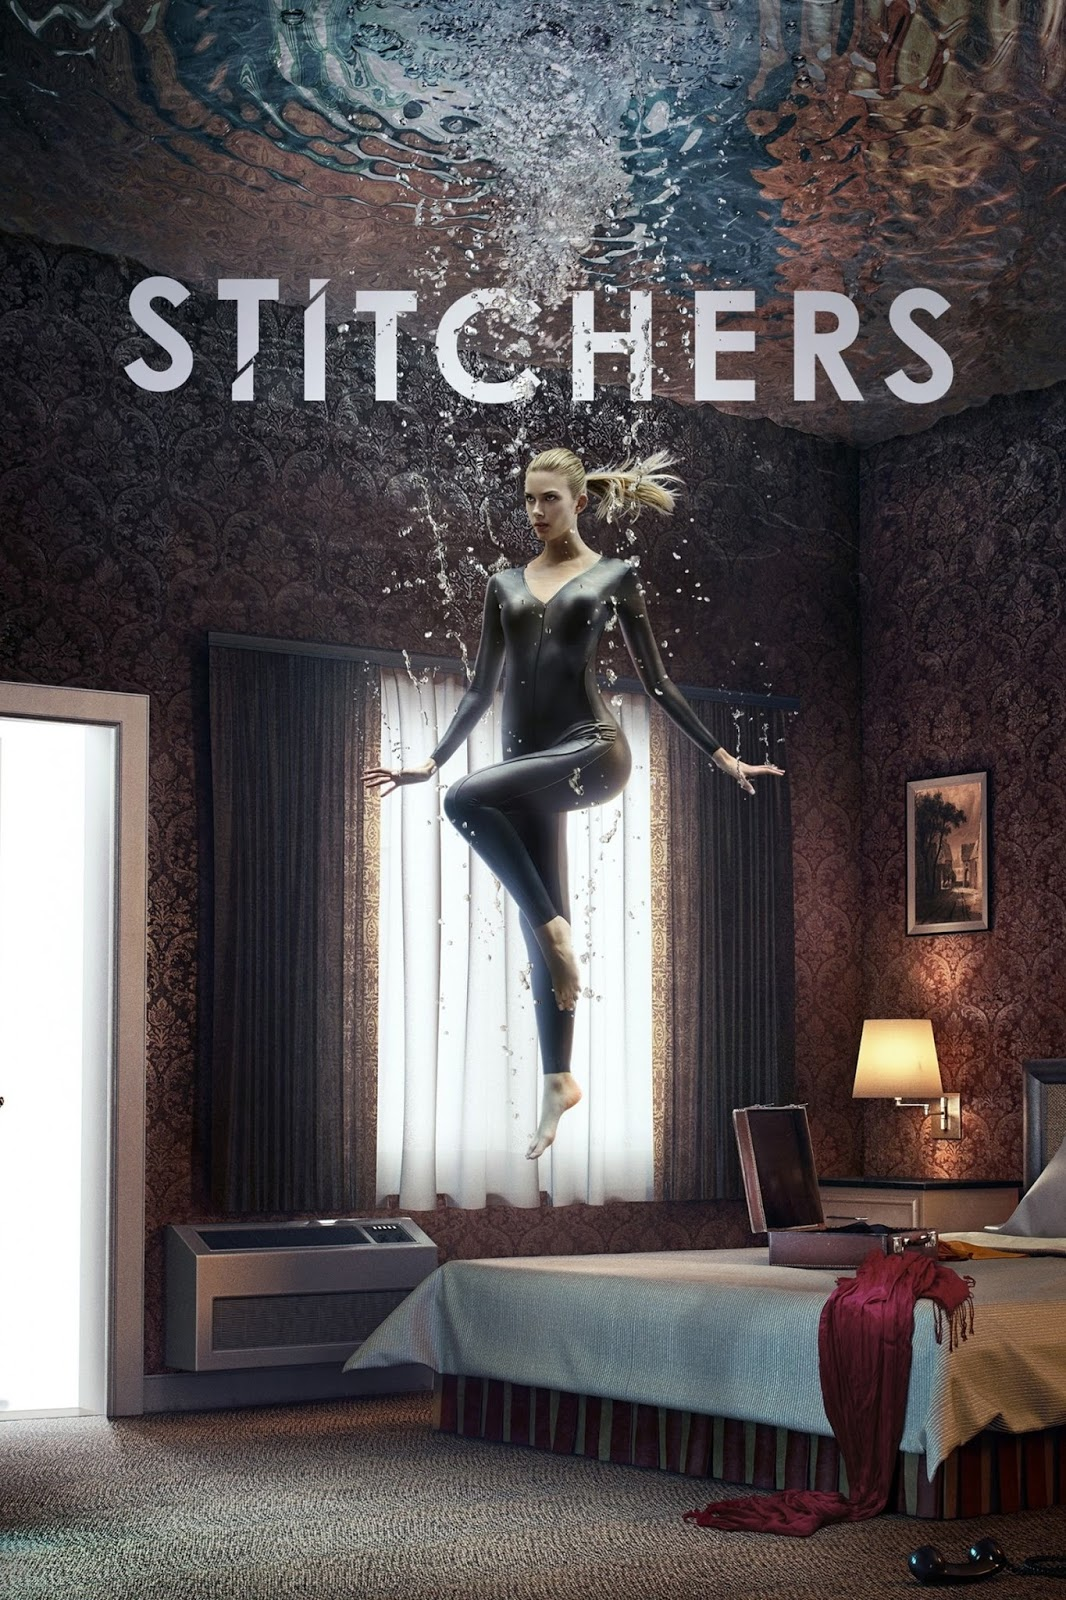 Phim Kí Ức Phá Án Phần 1-Stitchers Season 1 HD VIETSUB